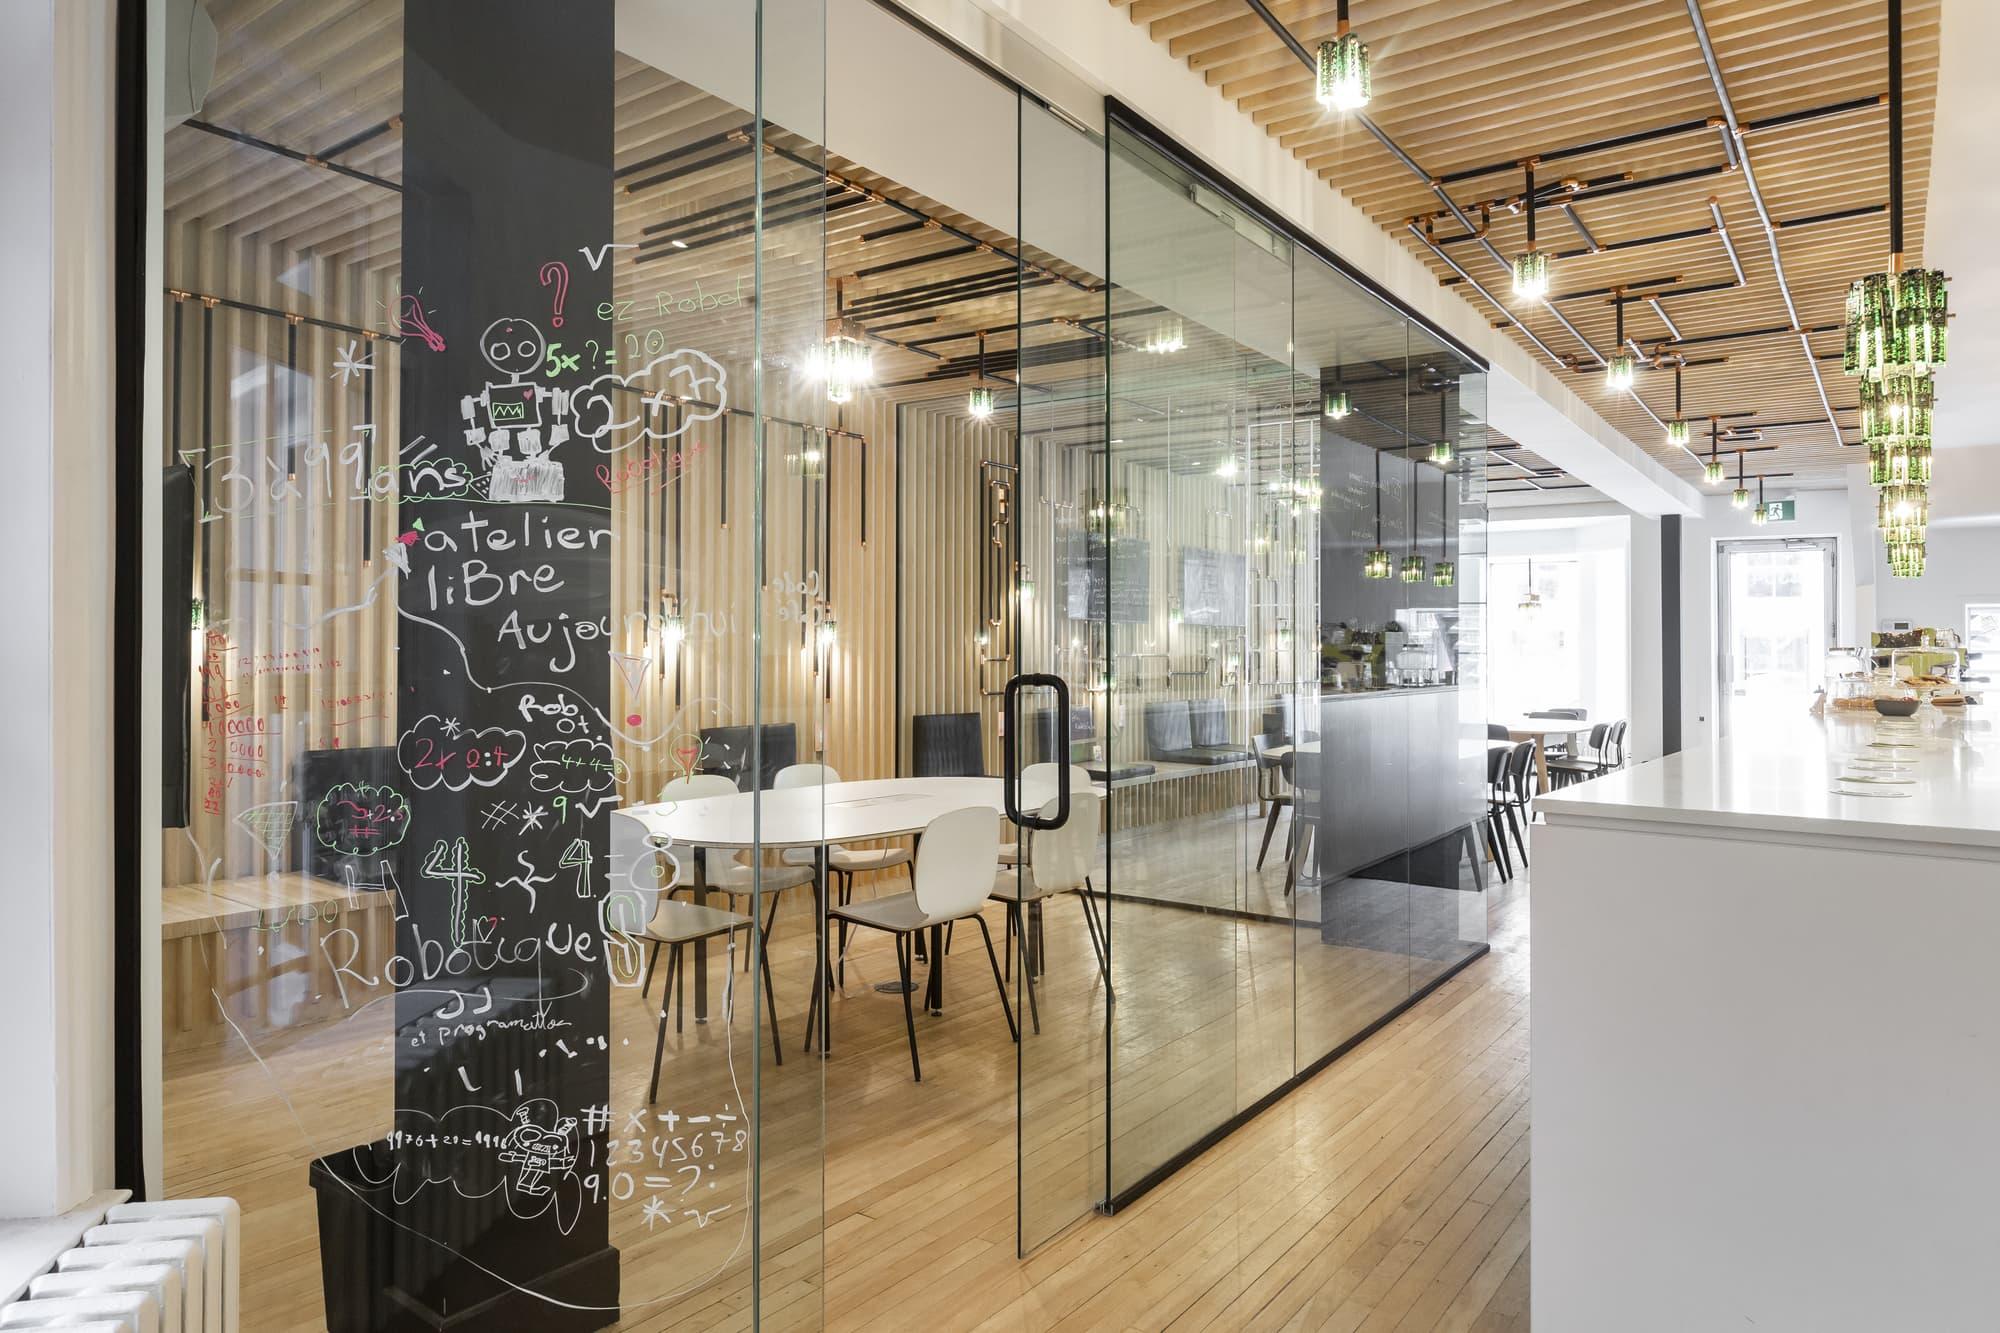 construction commerciale d'un café internet avec salle de conférence vitrée et comptoir blanc